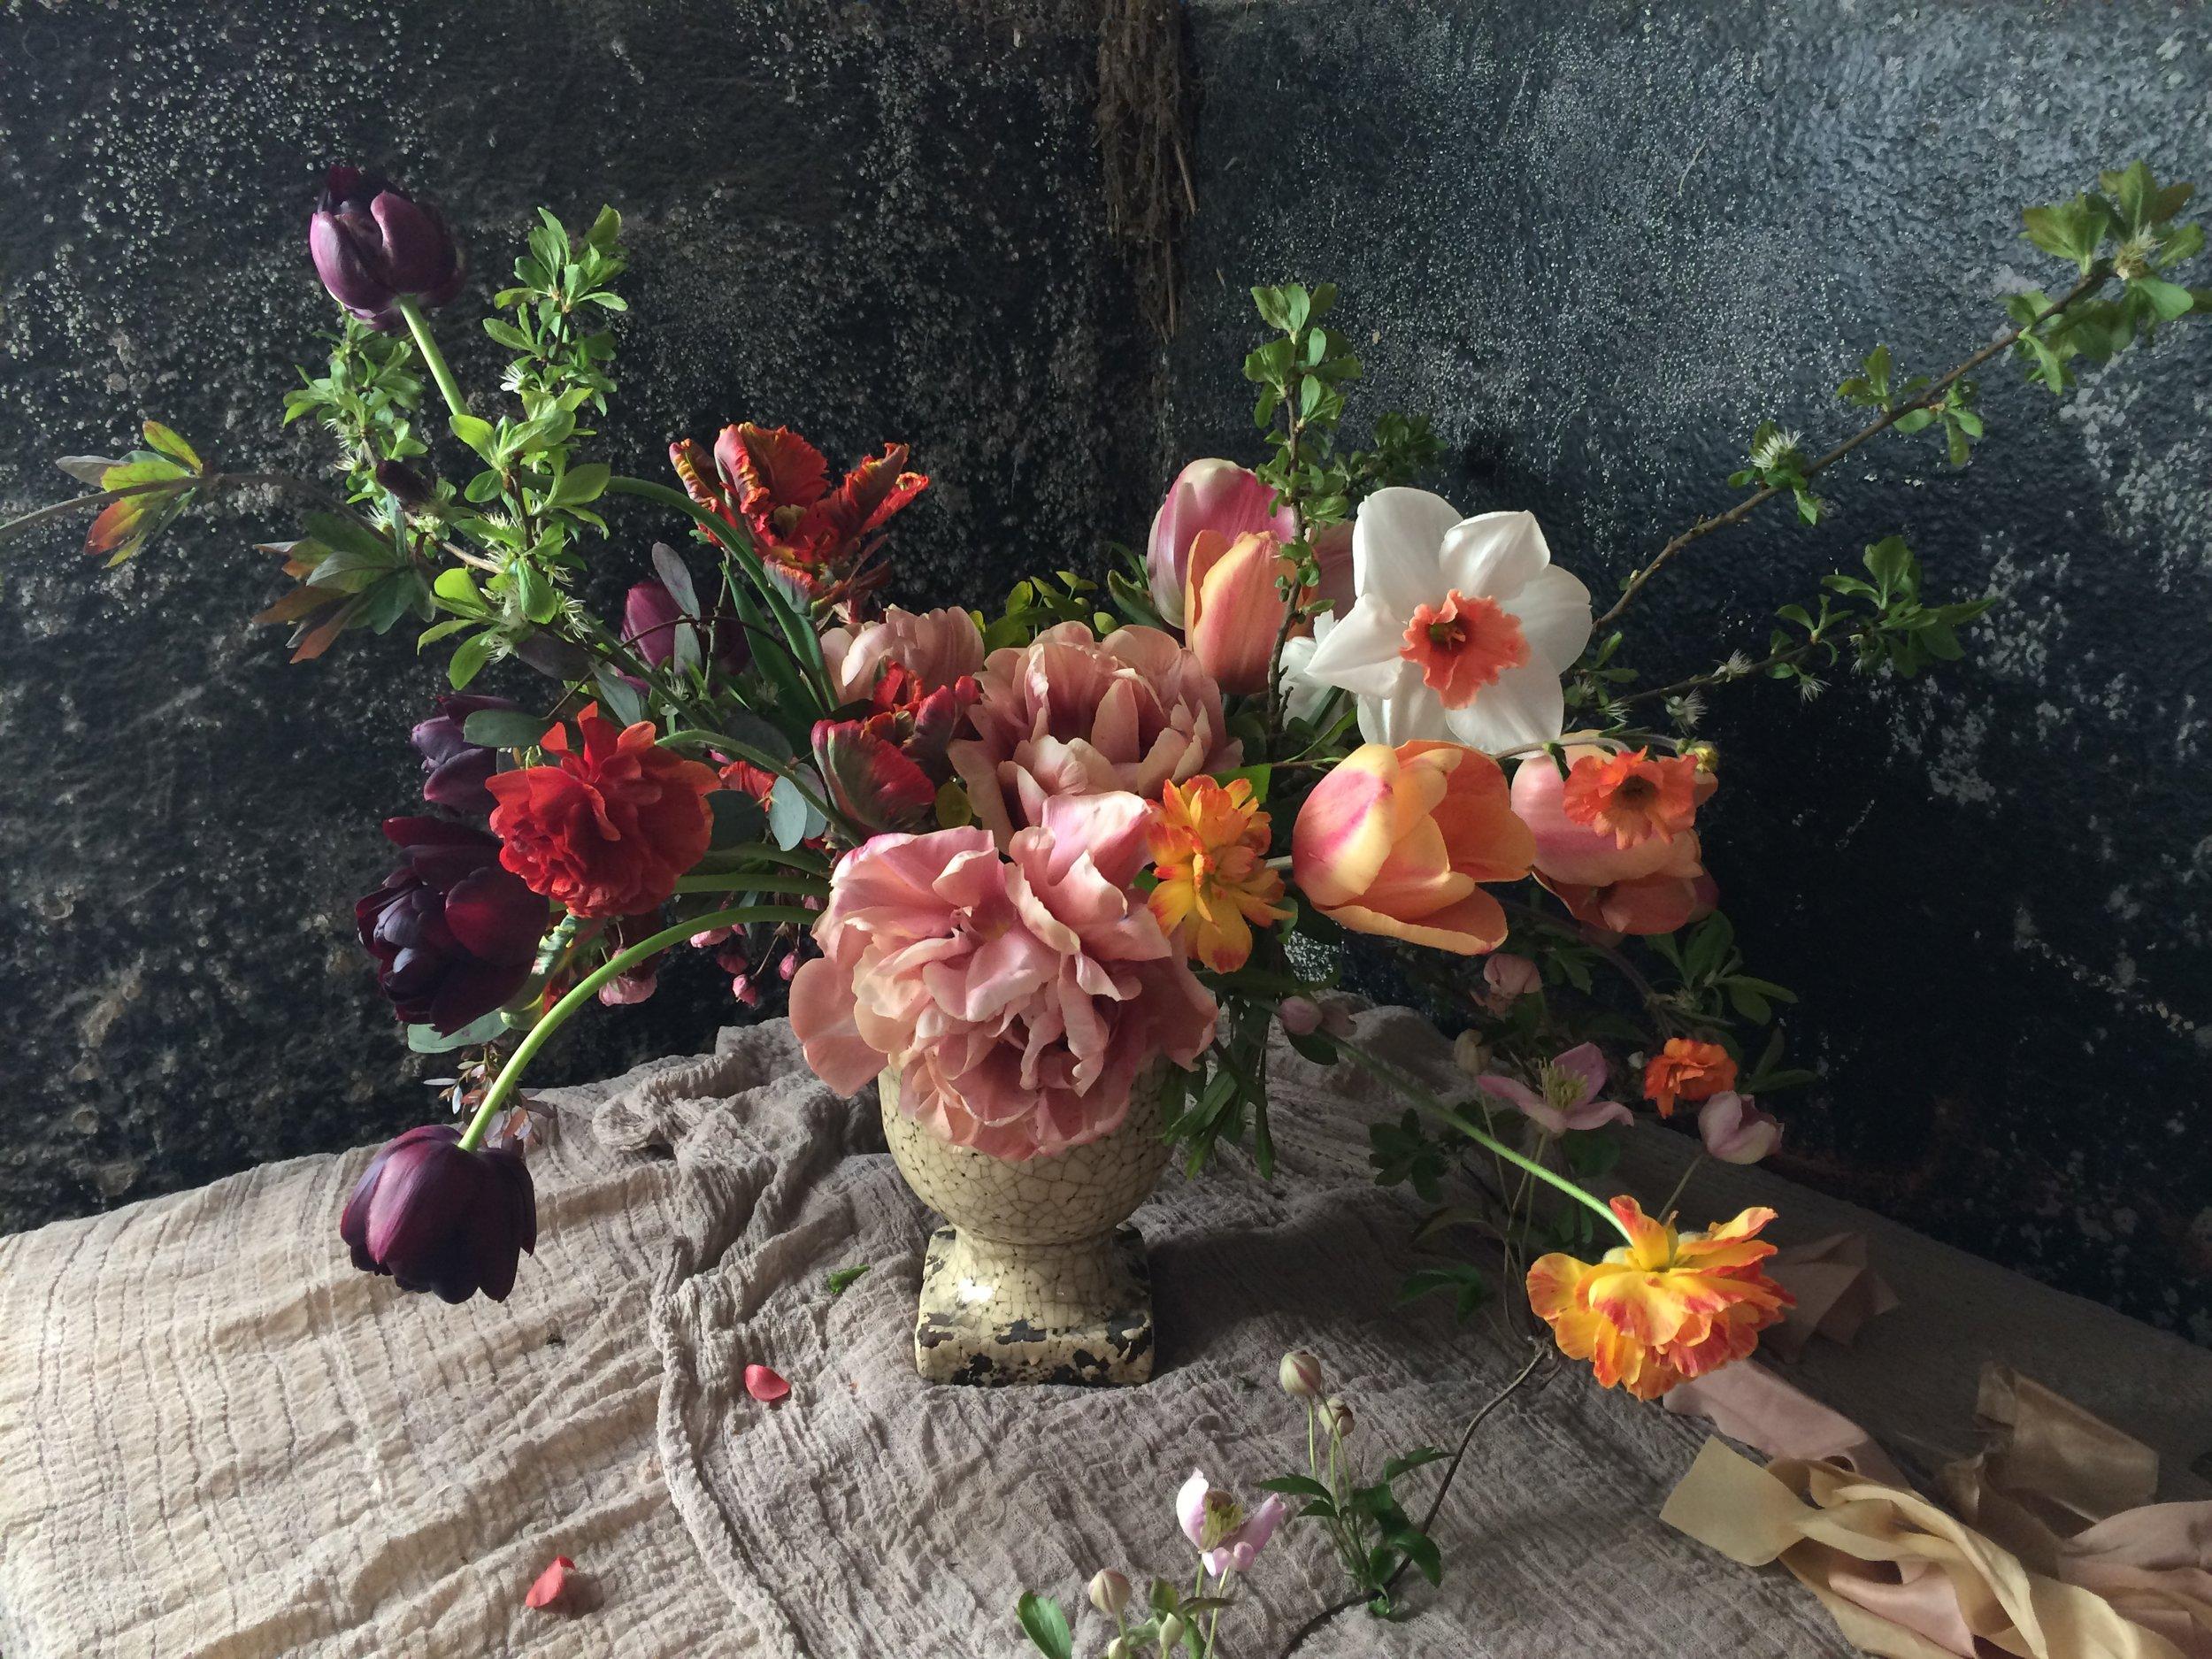 Wedding florist and flower farm, Nova Scotia.